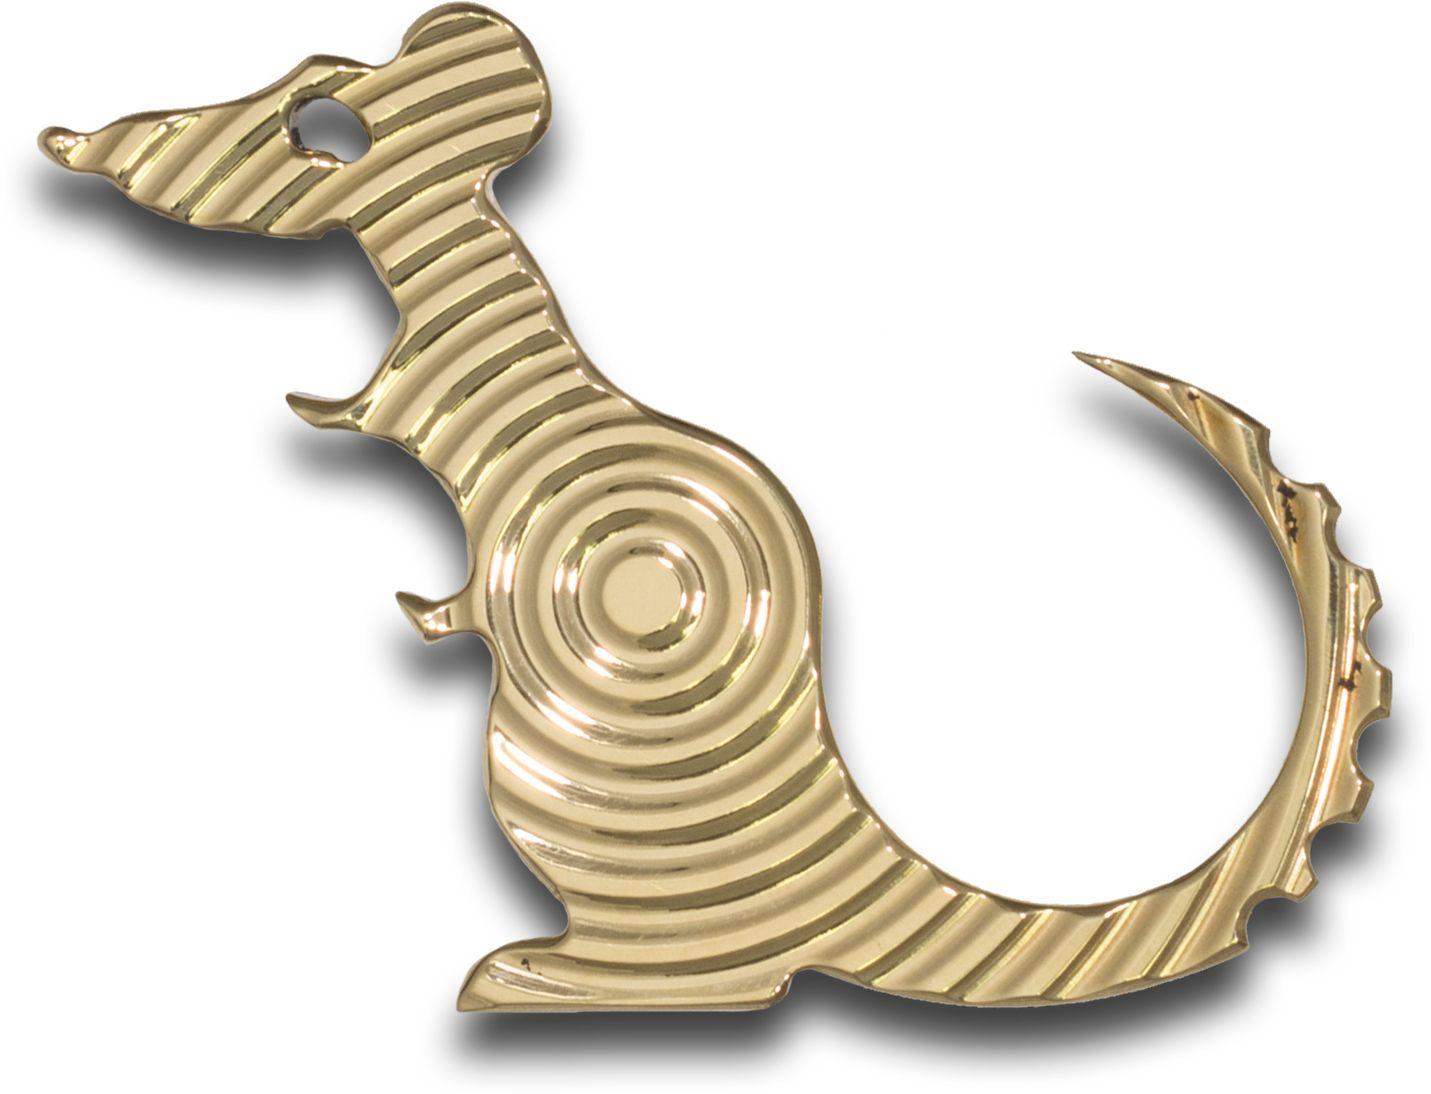 The Rat Bastard RB Tools and Design Polished Brass Vertigo  inchCarl inch Bottle Opener